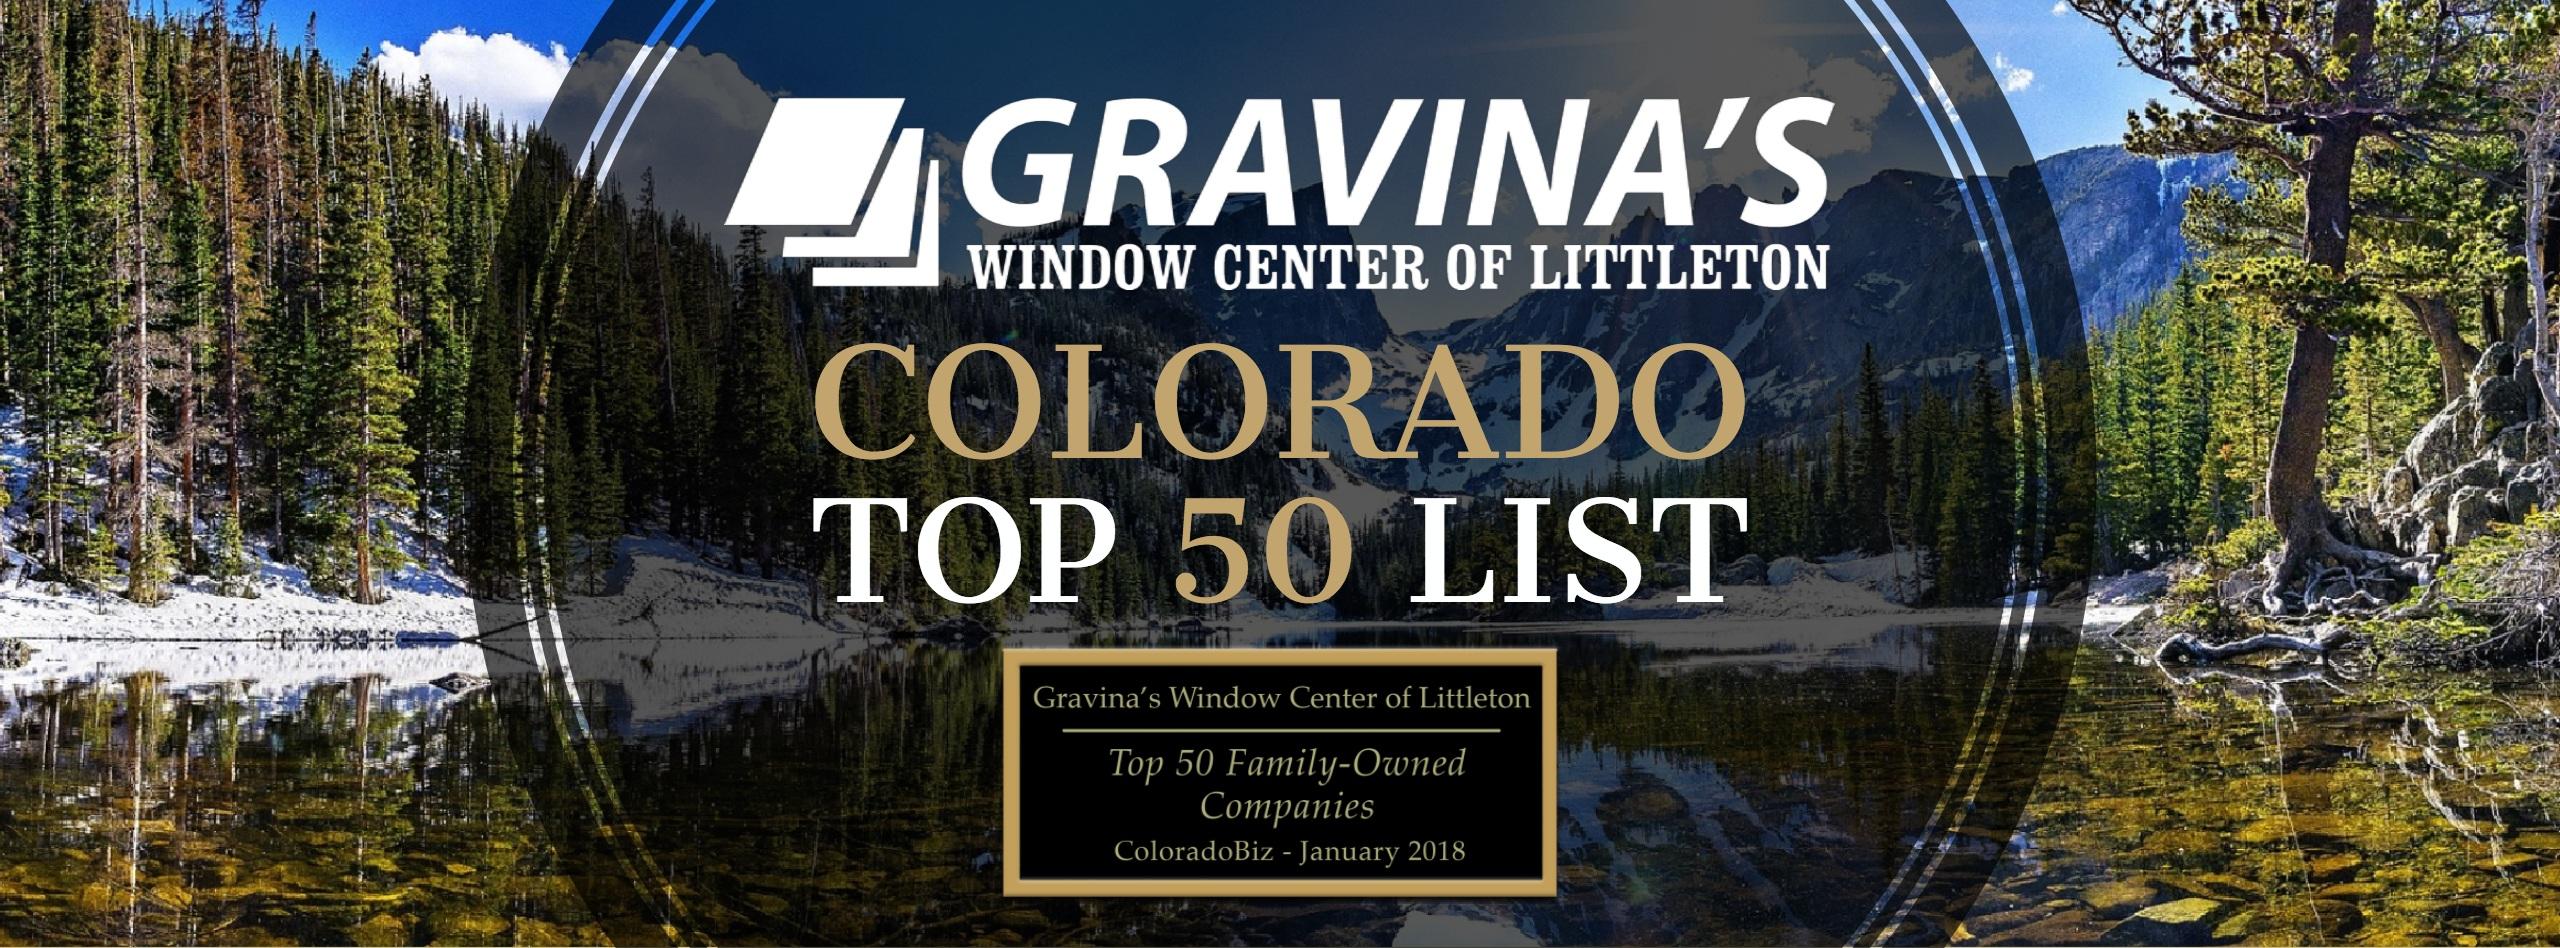 Gravina's Window Center of Littleton reviews | Home & Garden at 209 W Littleton Blvd - Littleton CO